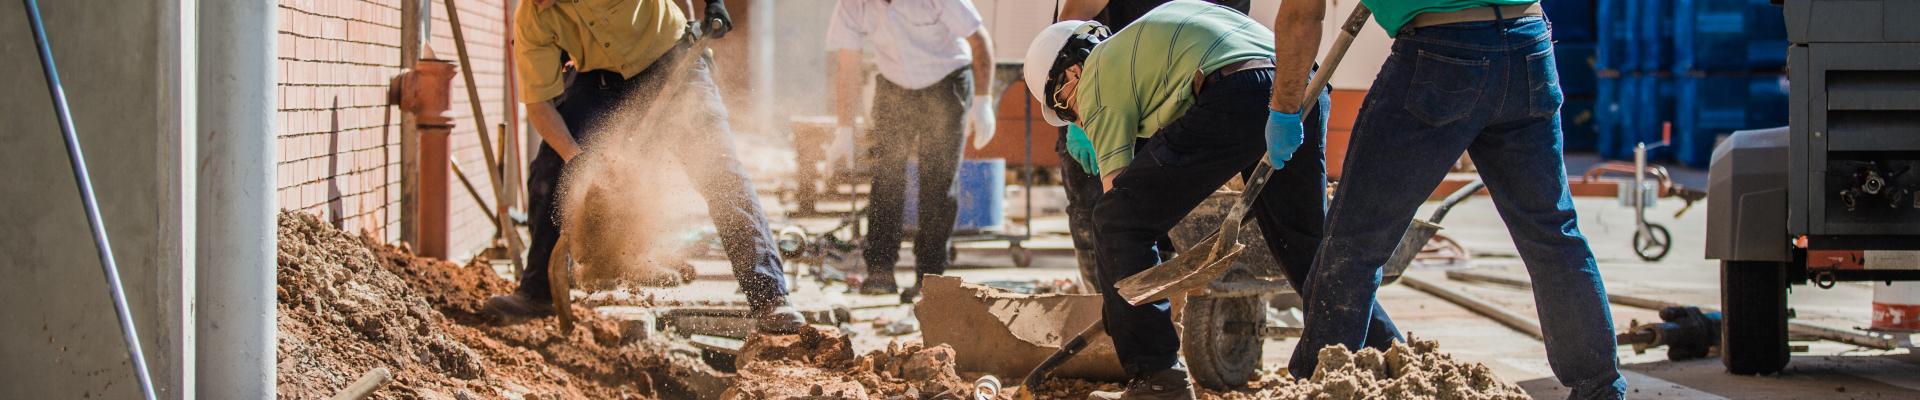 Colaboradores trabalhando no ramo da construção